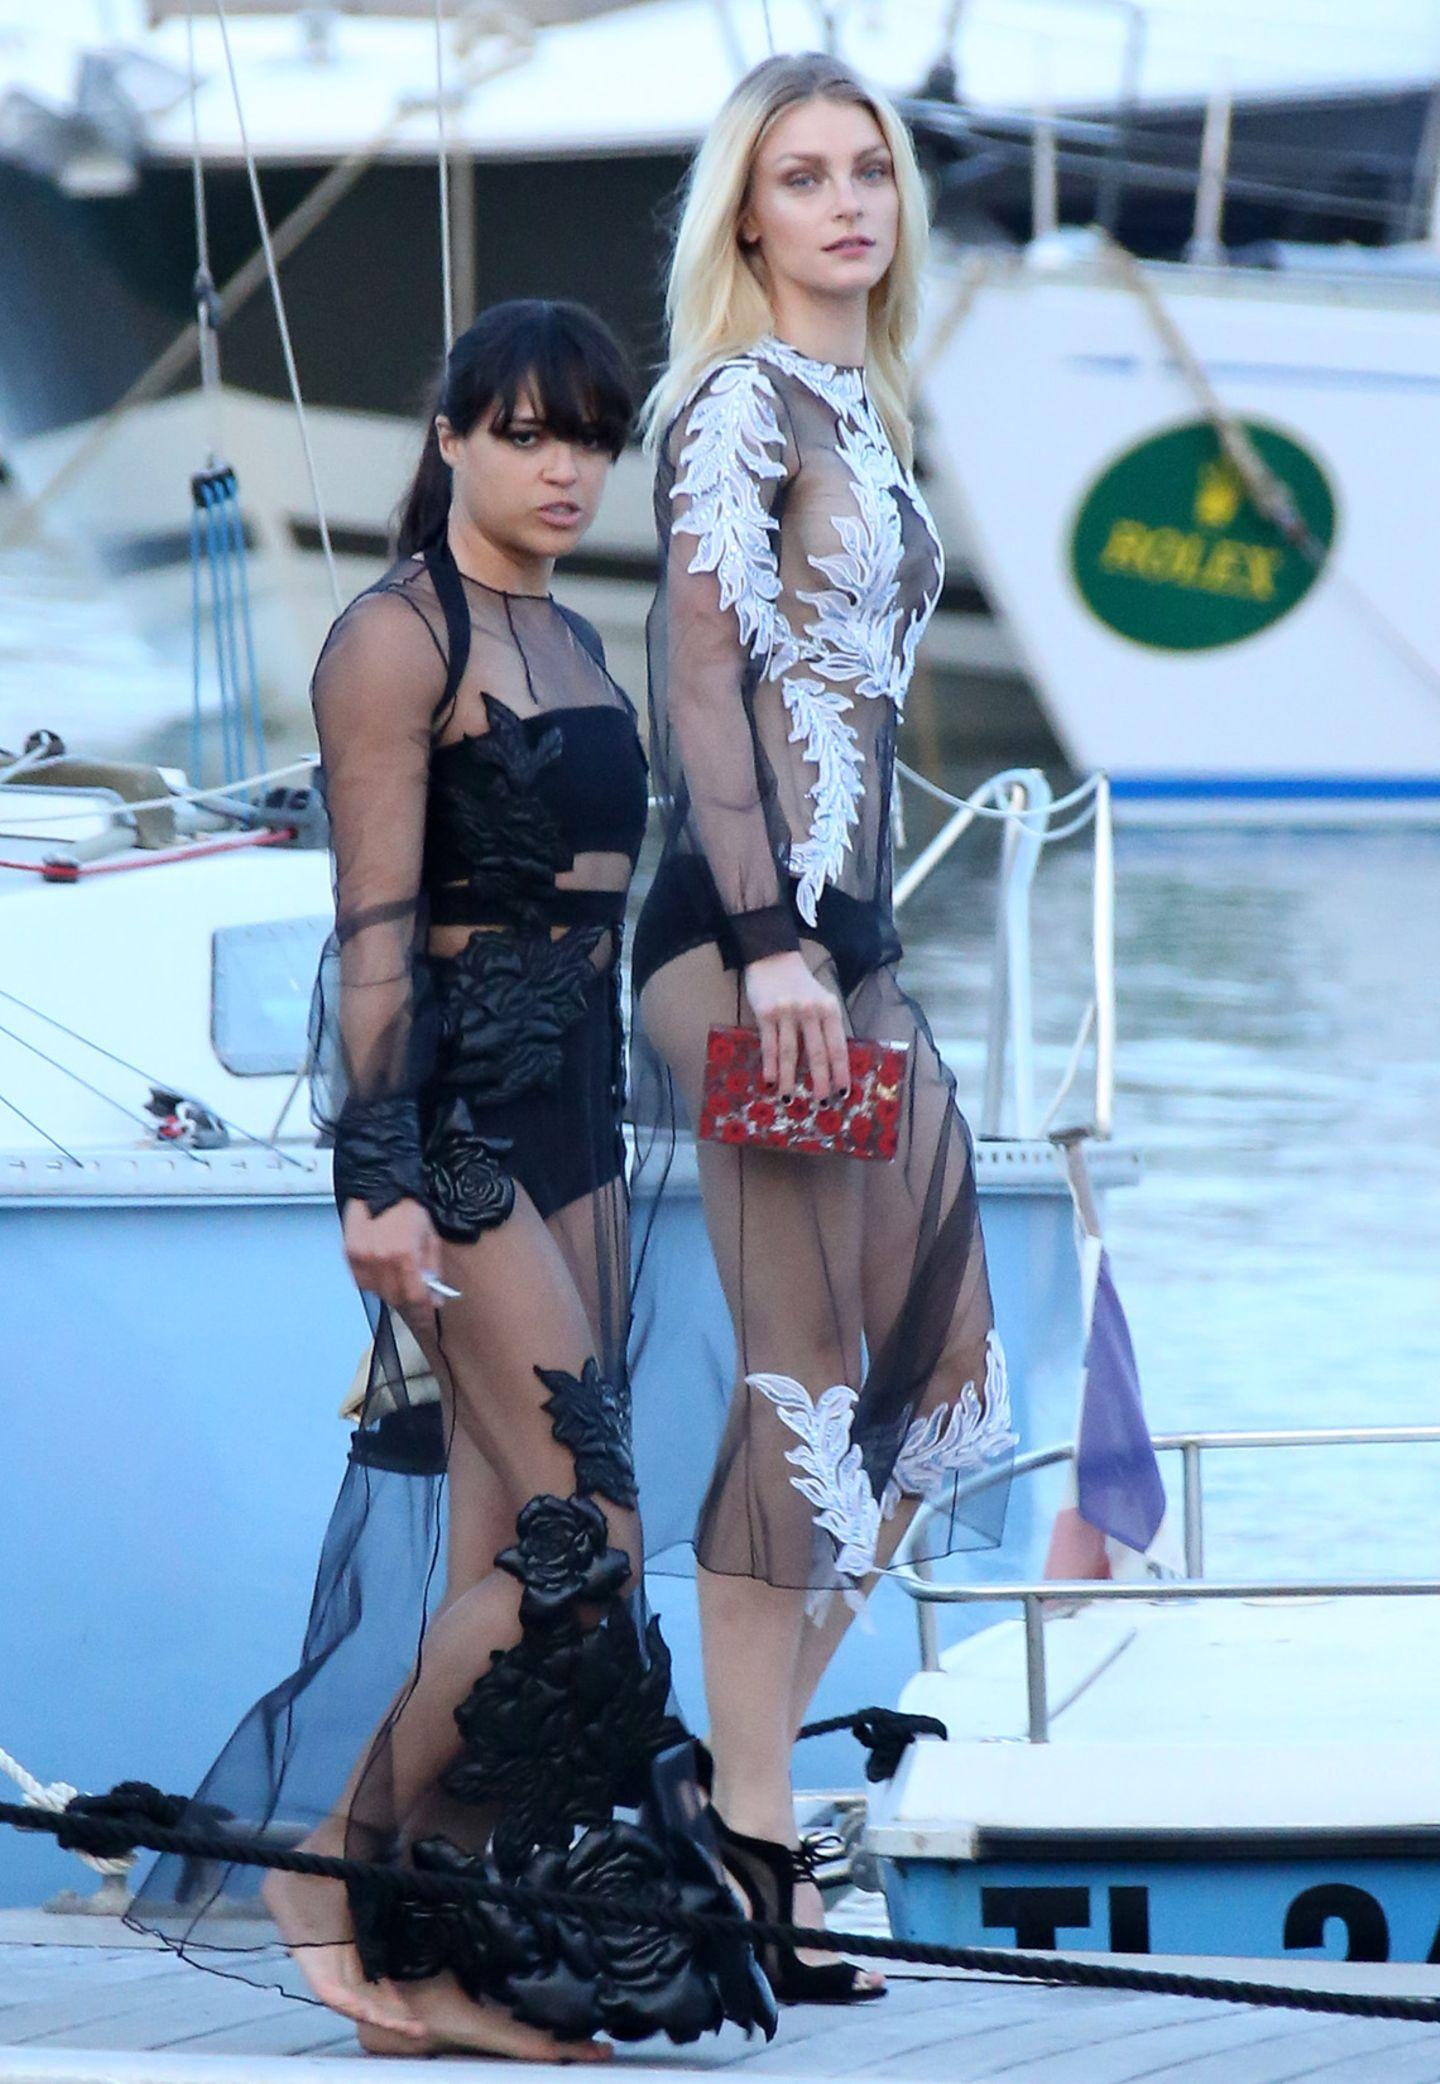 Partnerlook in Schwarz-Weiß: Michelle Rodriguez und Topmodel Jessica Stam